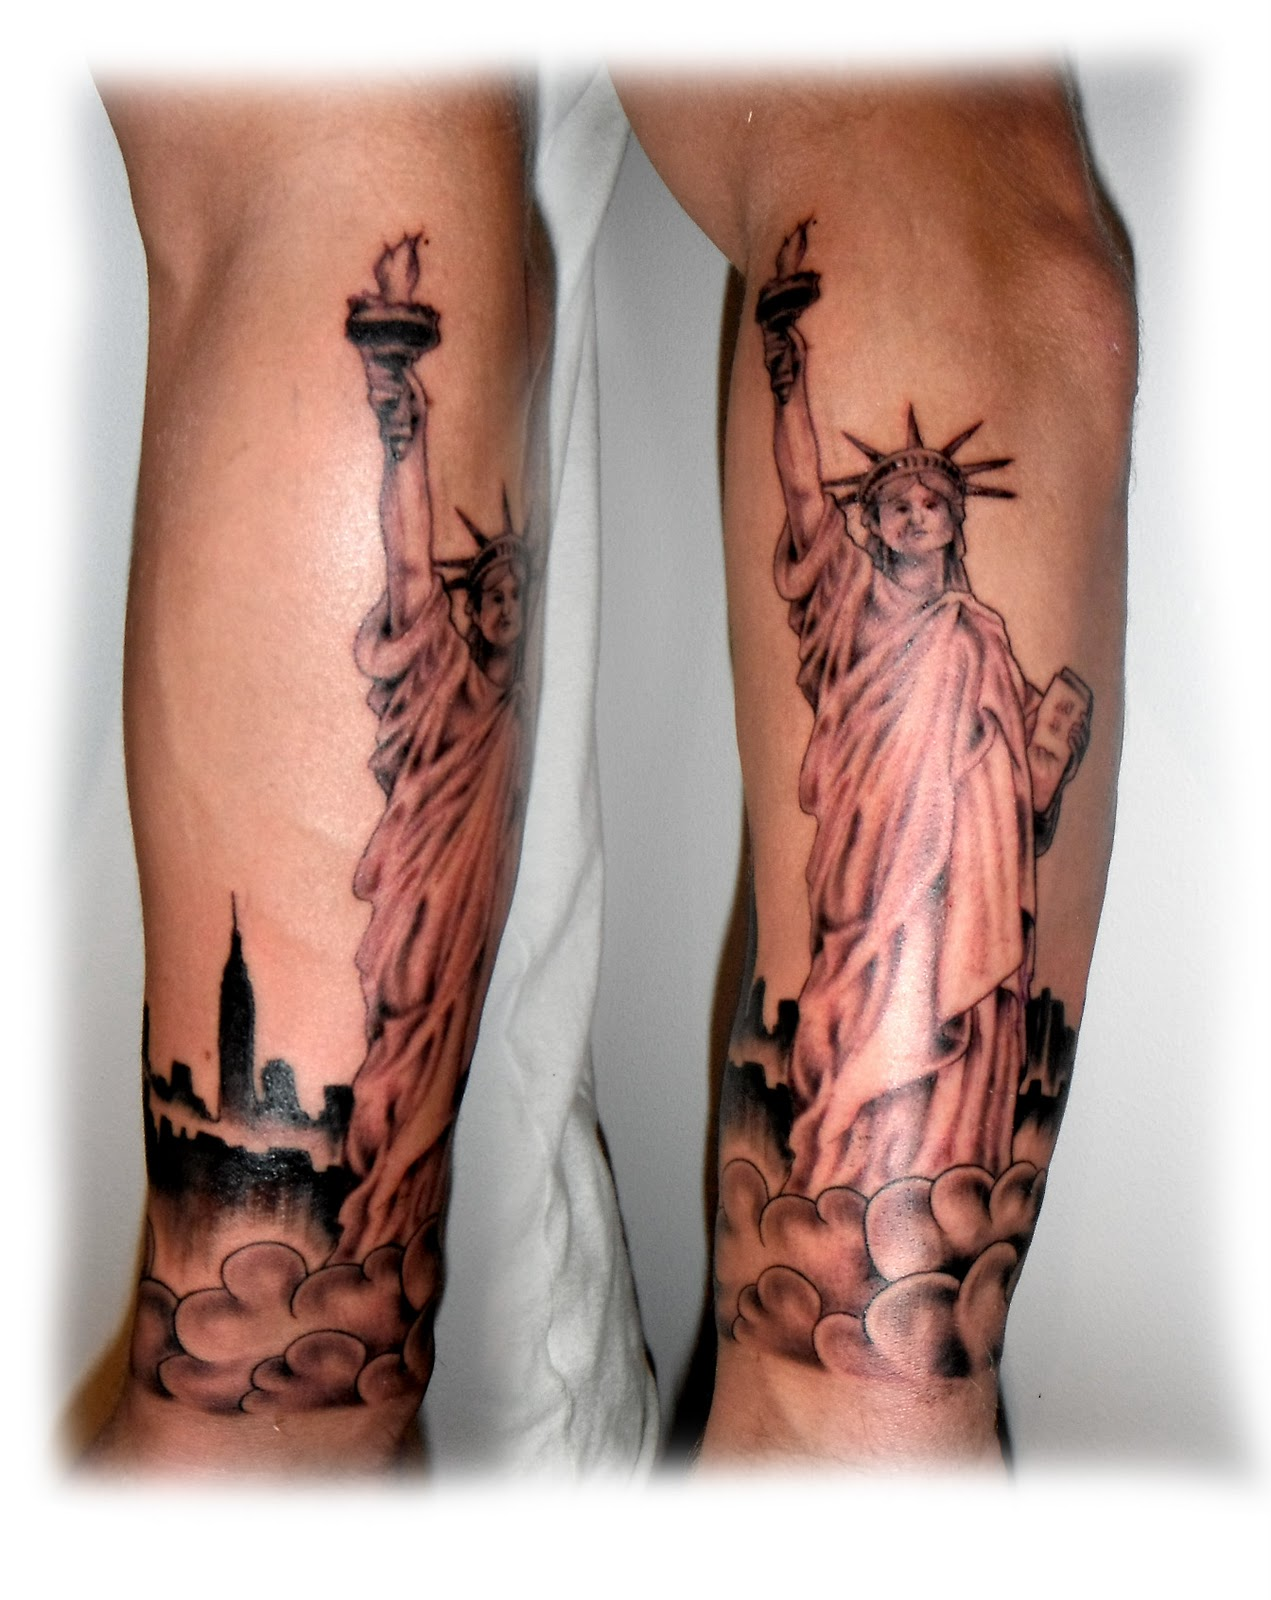 INK TATTOO: New York New Yoooork